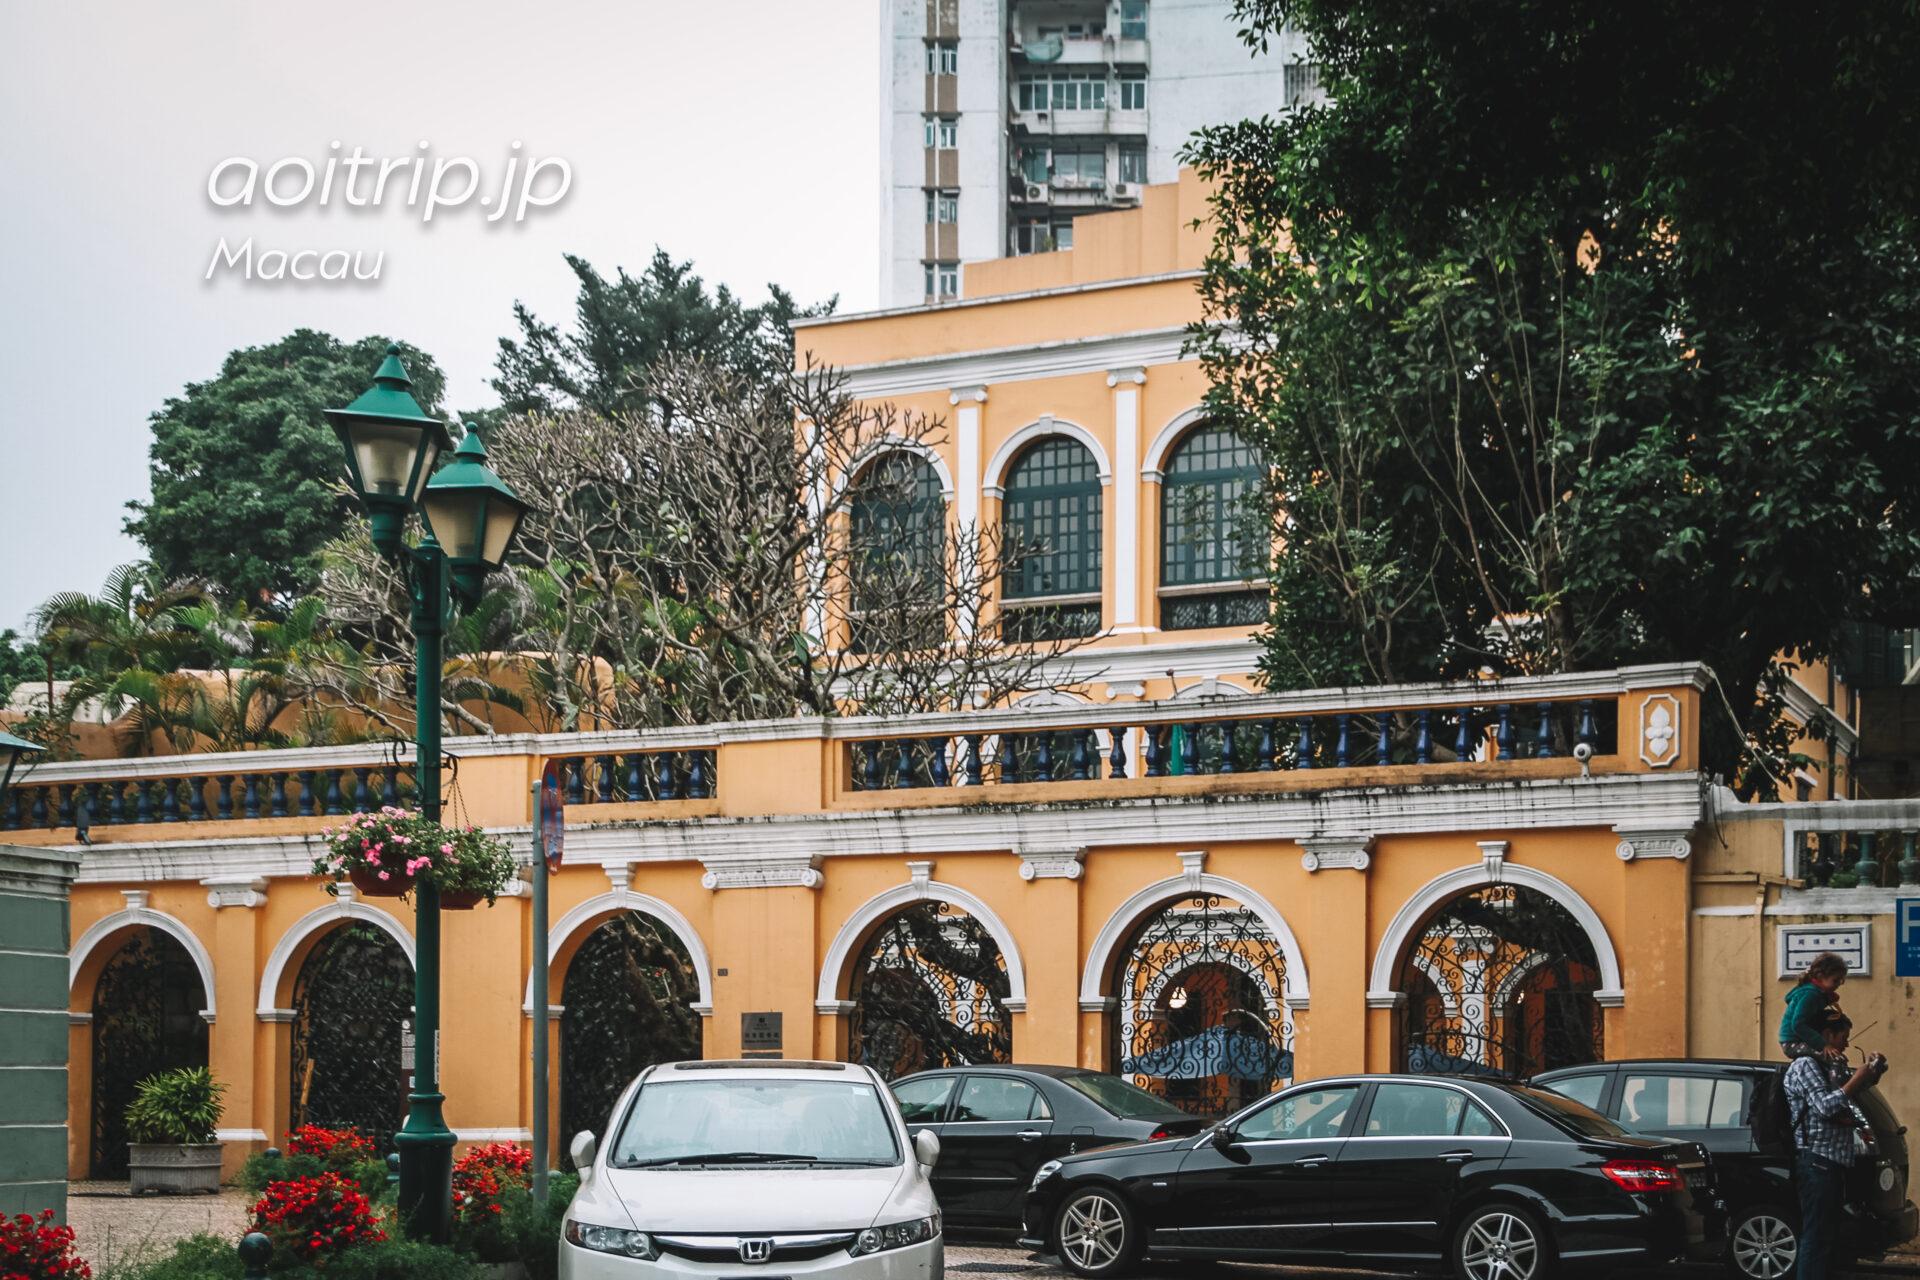 マカオ ロバート・ホー・トン図書館 Sir Robert Ho Tung Library